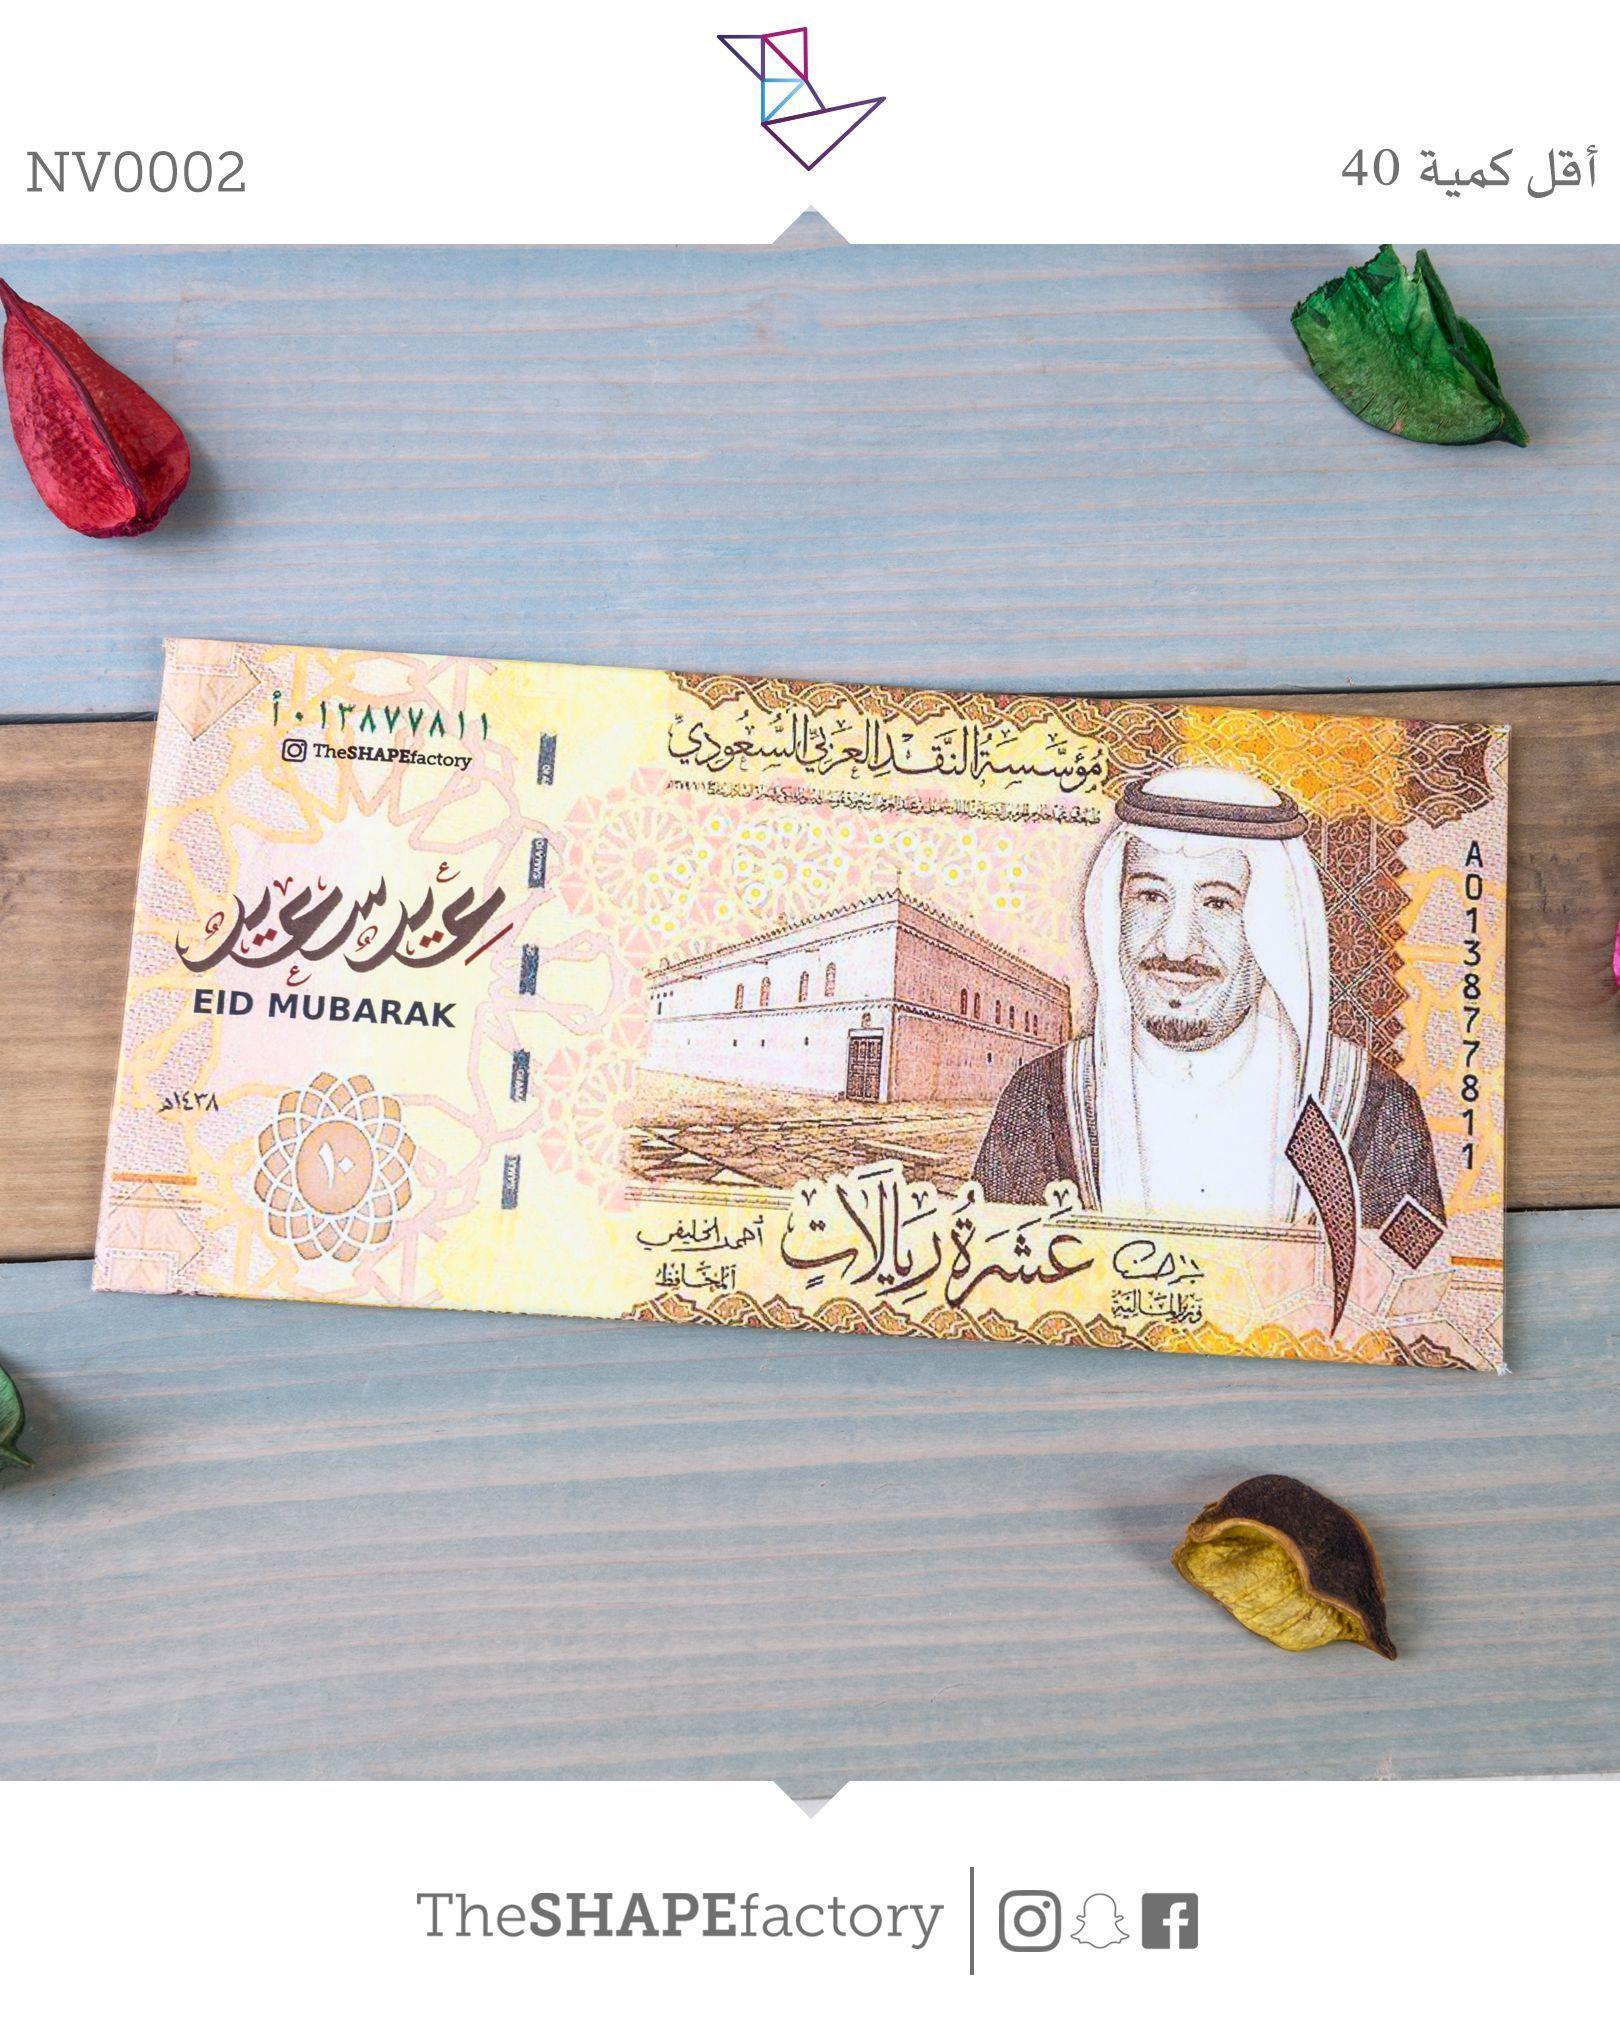 نوط بو جم كنتو تحصلون Shape Code Nv0002 القياسات الطول 17 Cm العرض 8 2 Cm Eid Mubarak Eid